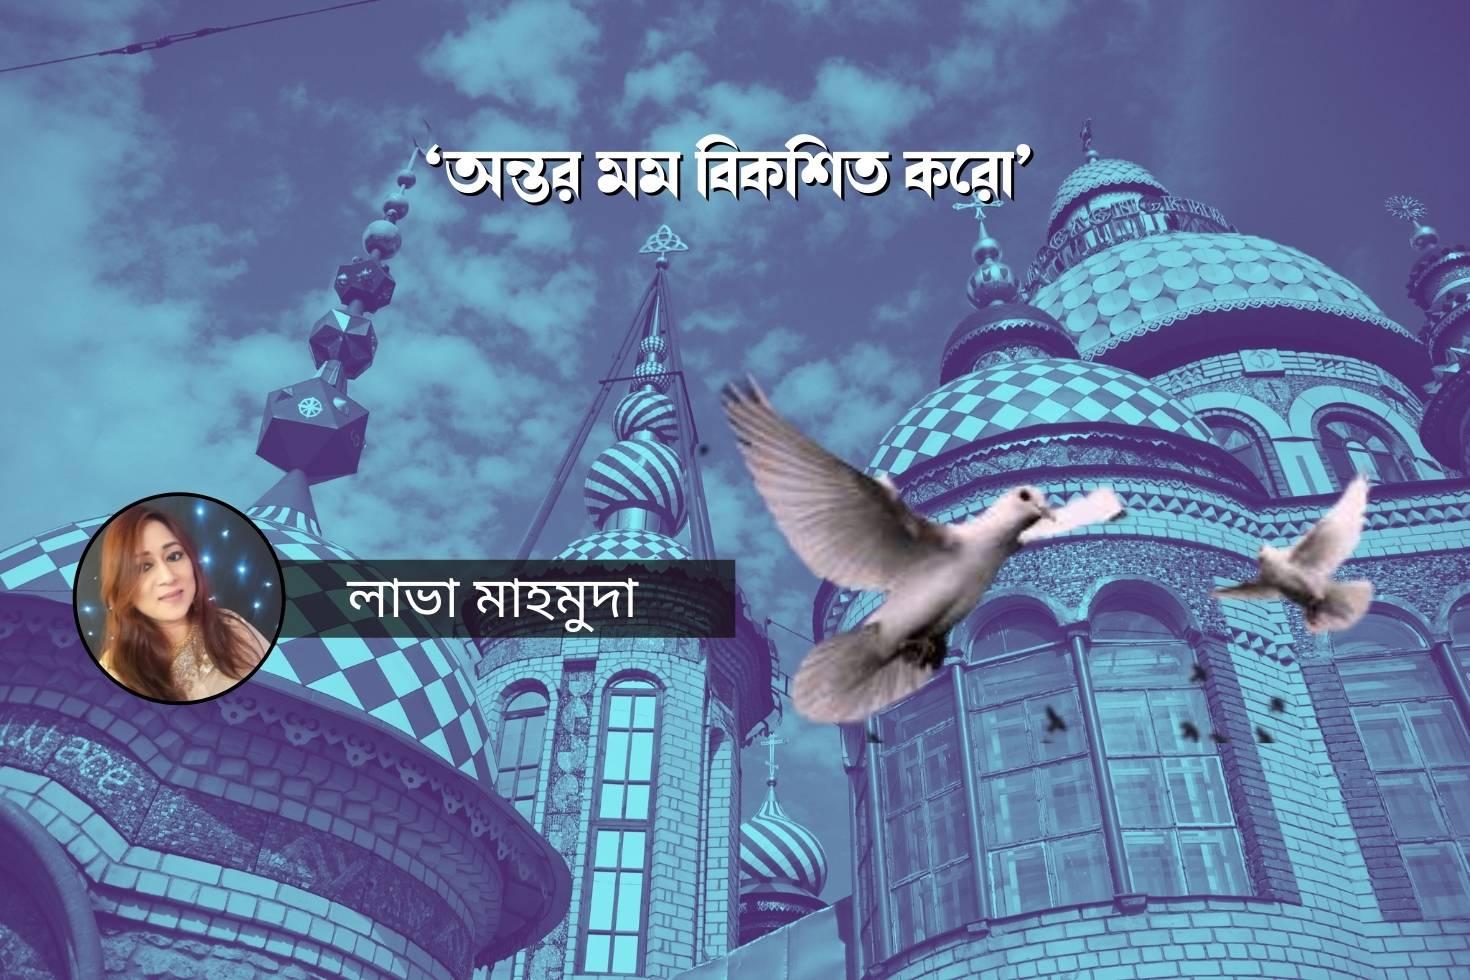 'অন্তর মম বিকশিত করো'